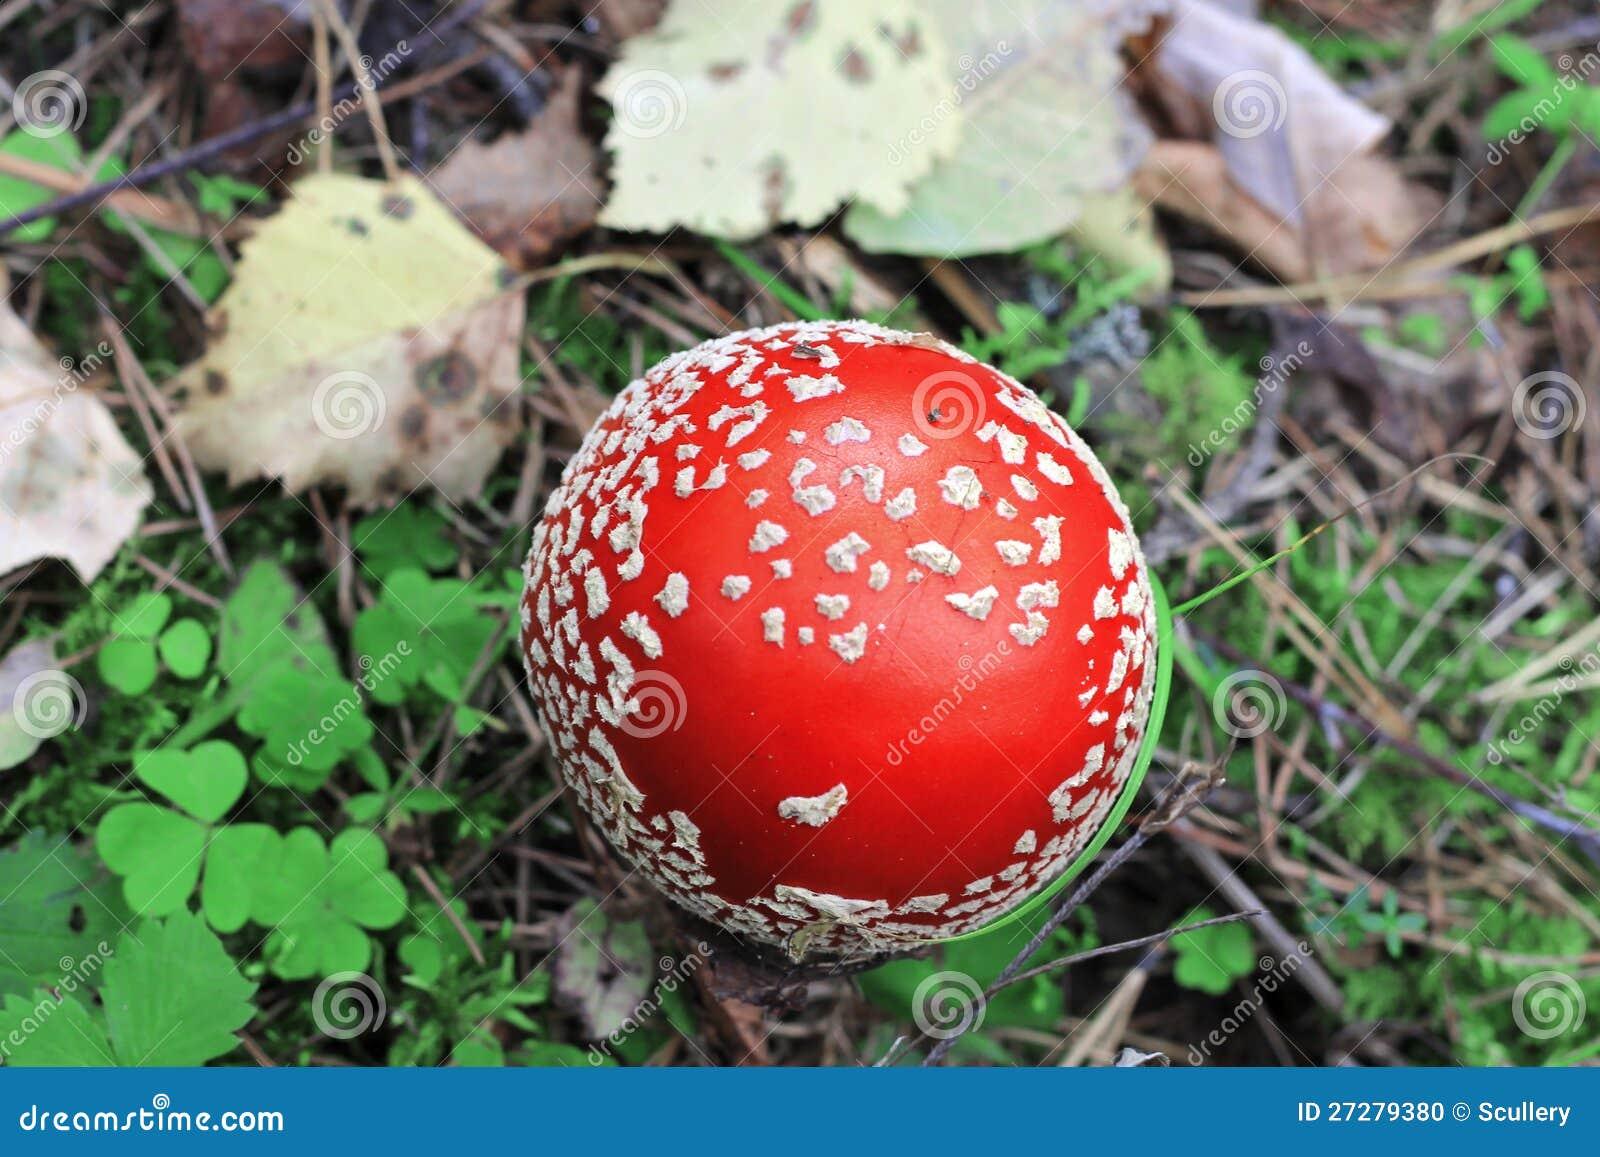 Röd förgiftad champinjon som växer i sommarskogen